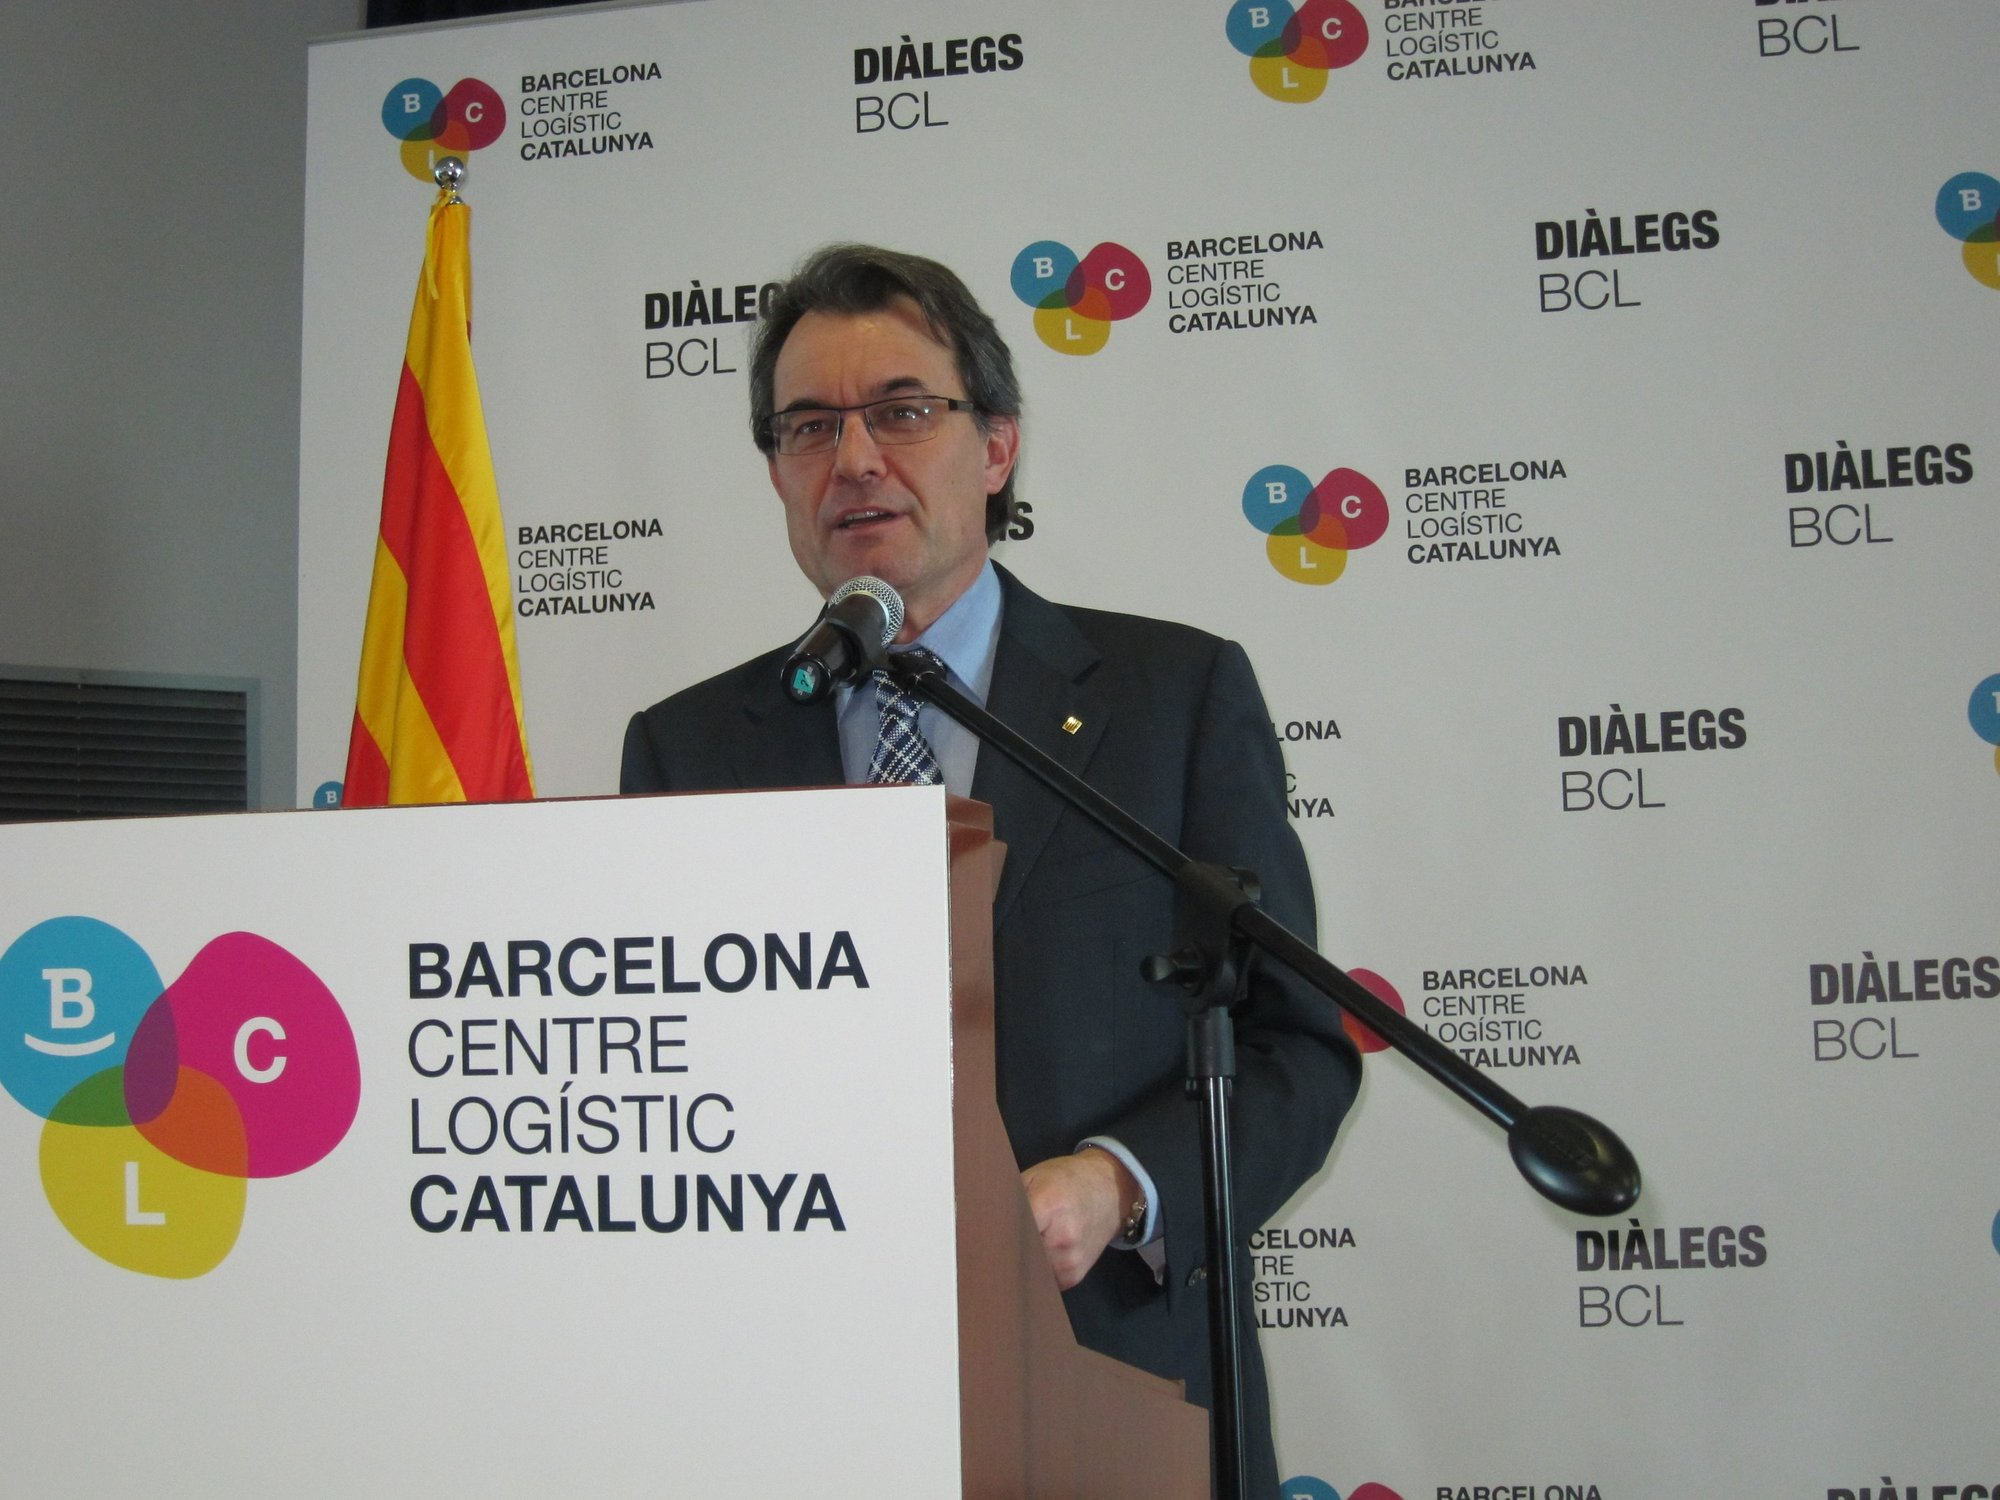 Artur Mas dice que el corredor central «no tiene sentido» y pide destinar el dinero a infraestructuras «más eficientes»